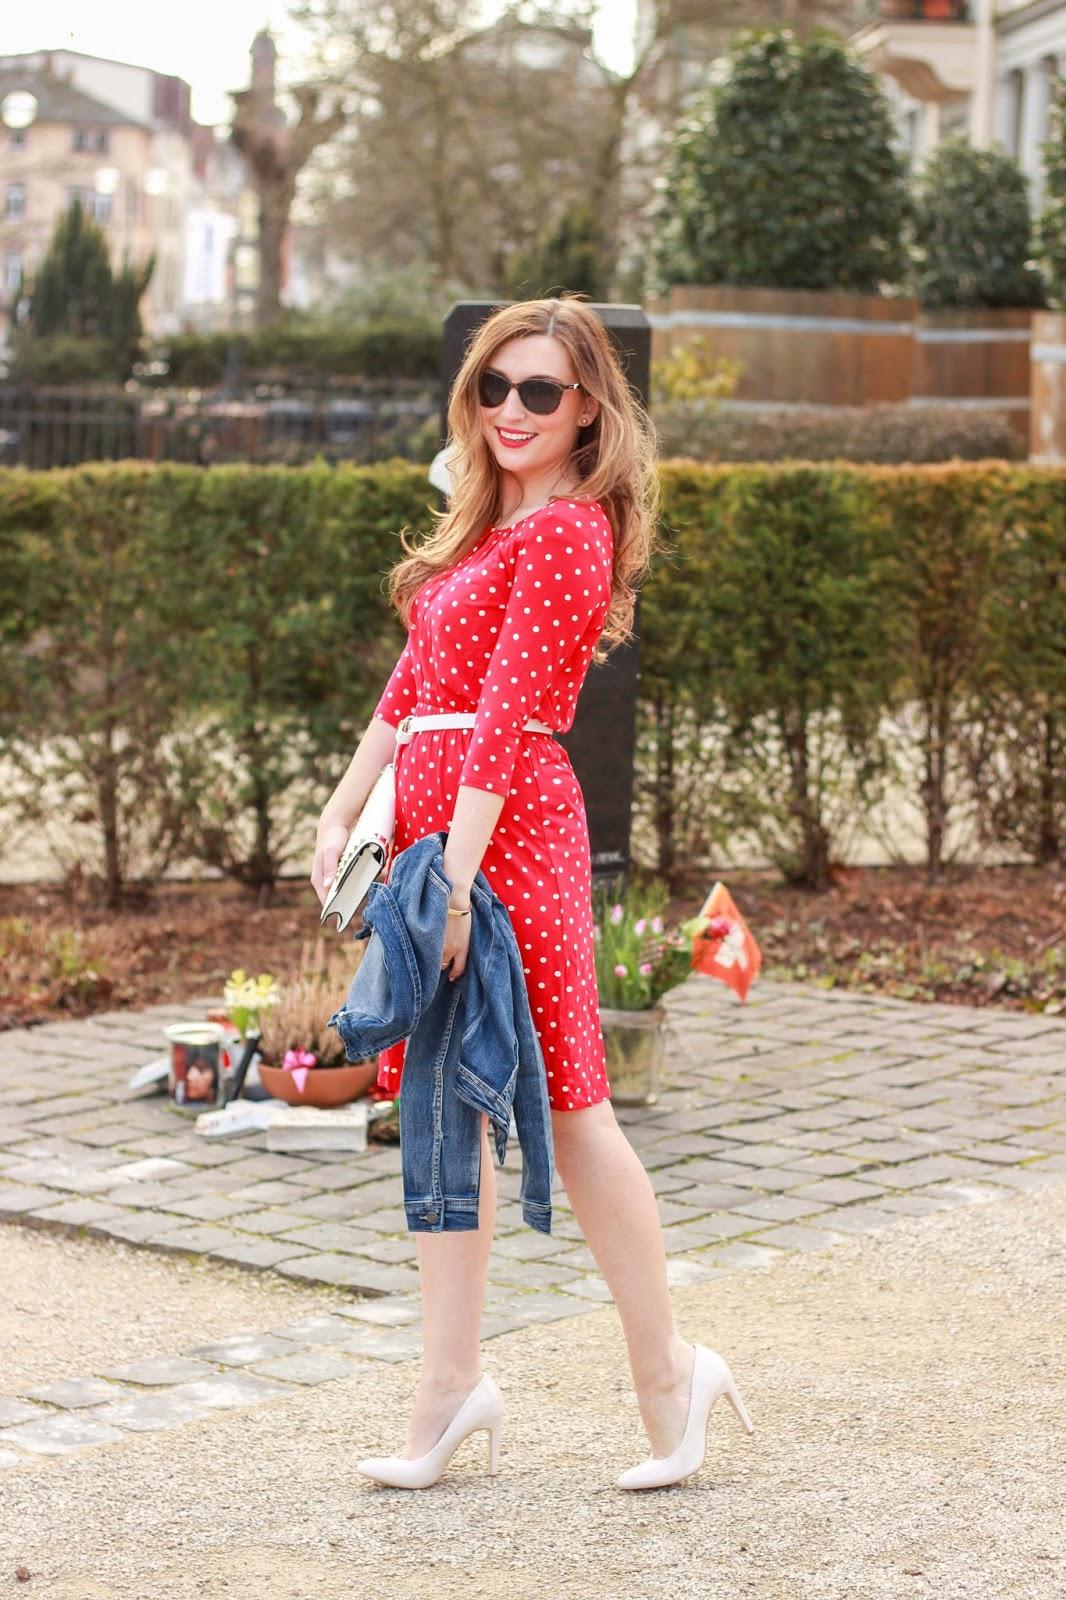 Fashionblogger aus Deutschland - Deutsche Fashionblogger - Fashionblog - German Fashionblog-Rotes Kleid - Punktchenkleid